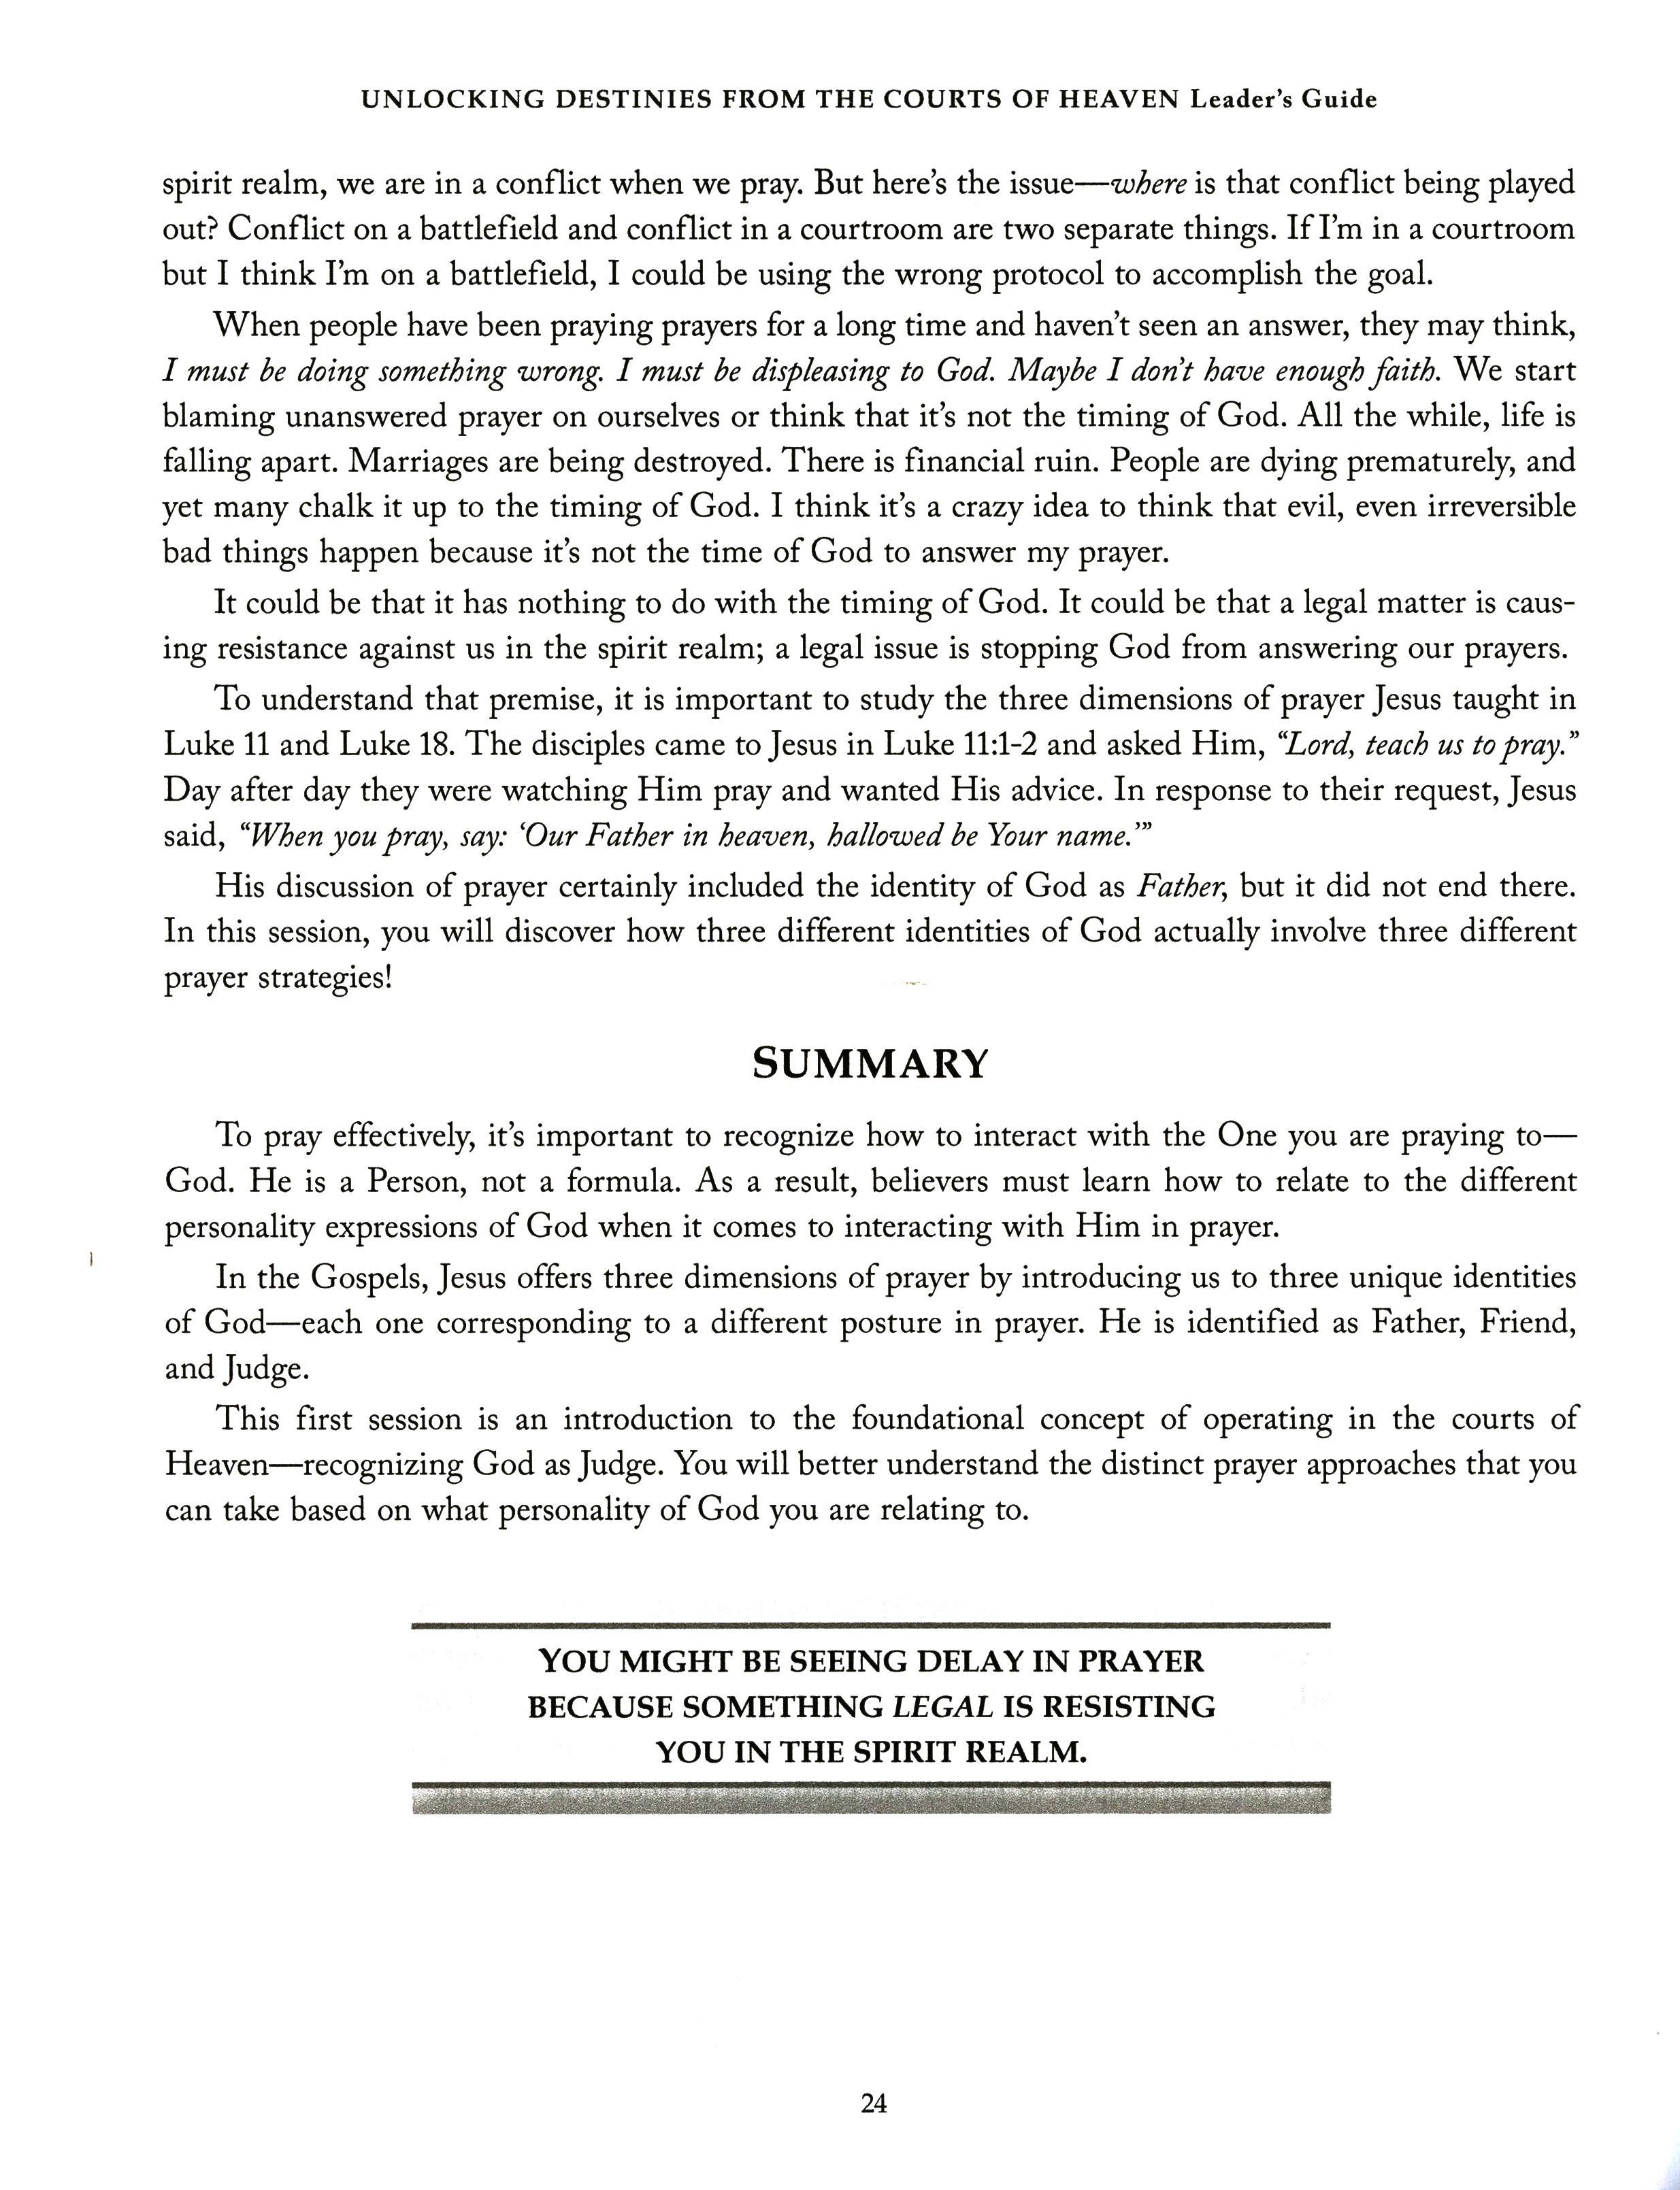 Prayer Against The Spirit Of Delay